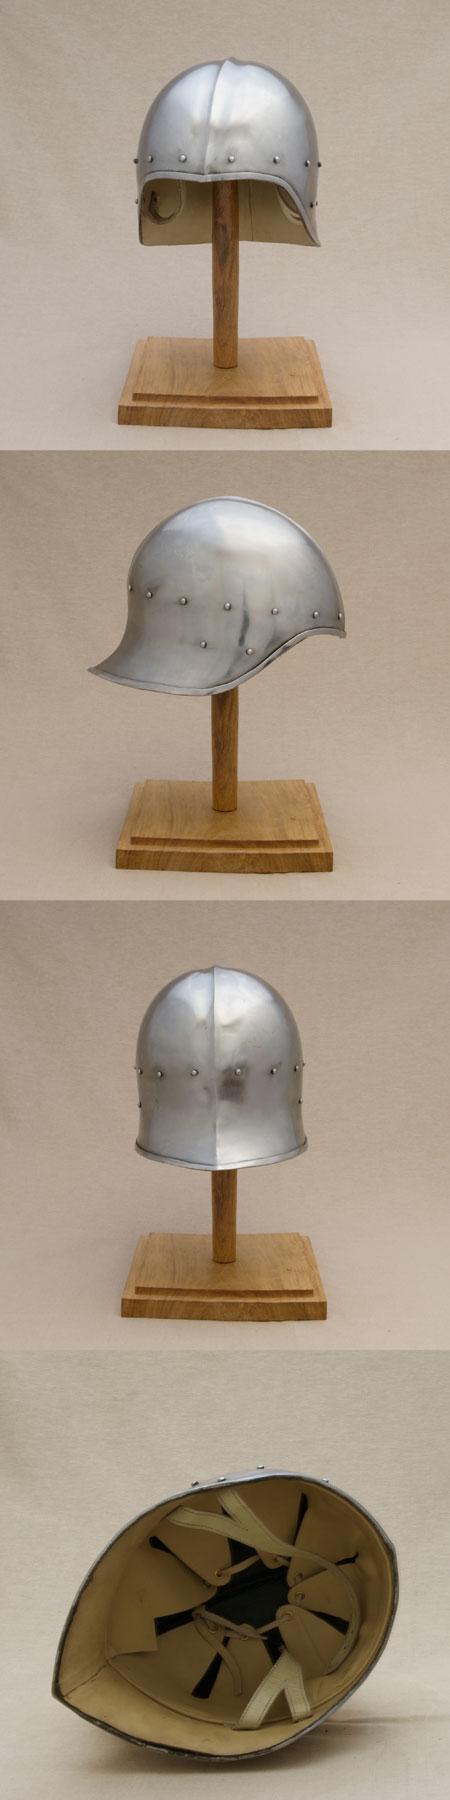 Offene Schaller, spätes Mittelalter